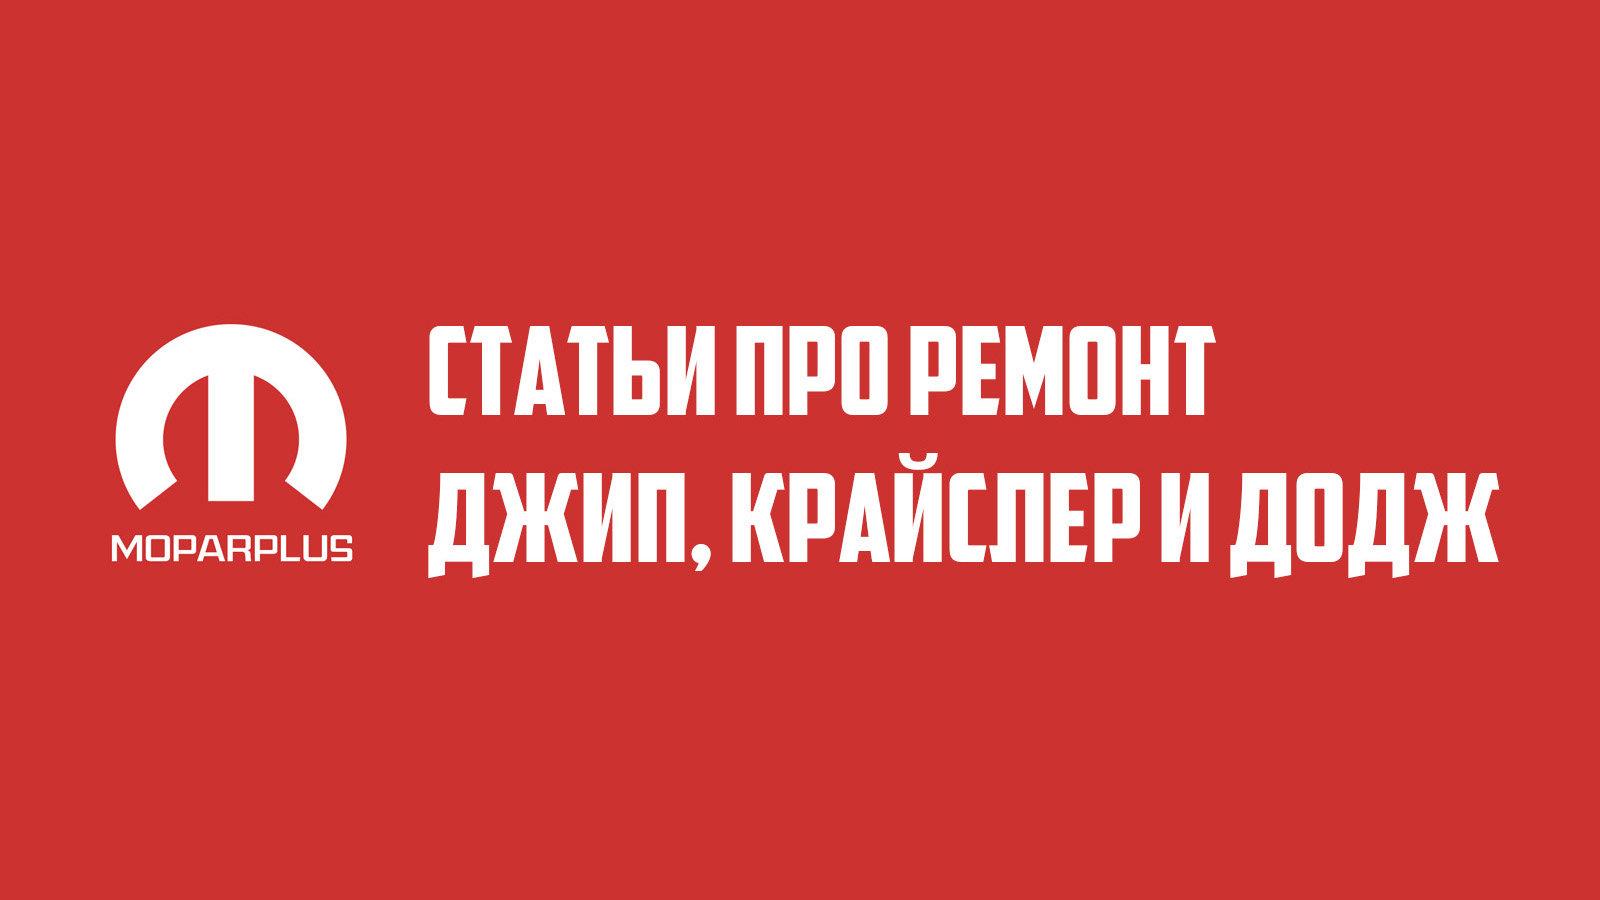 Статьи про ремонт. Выпуск №48.